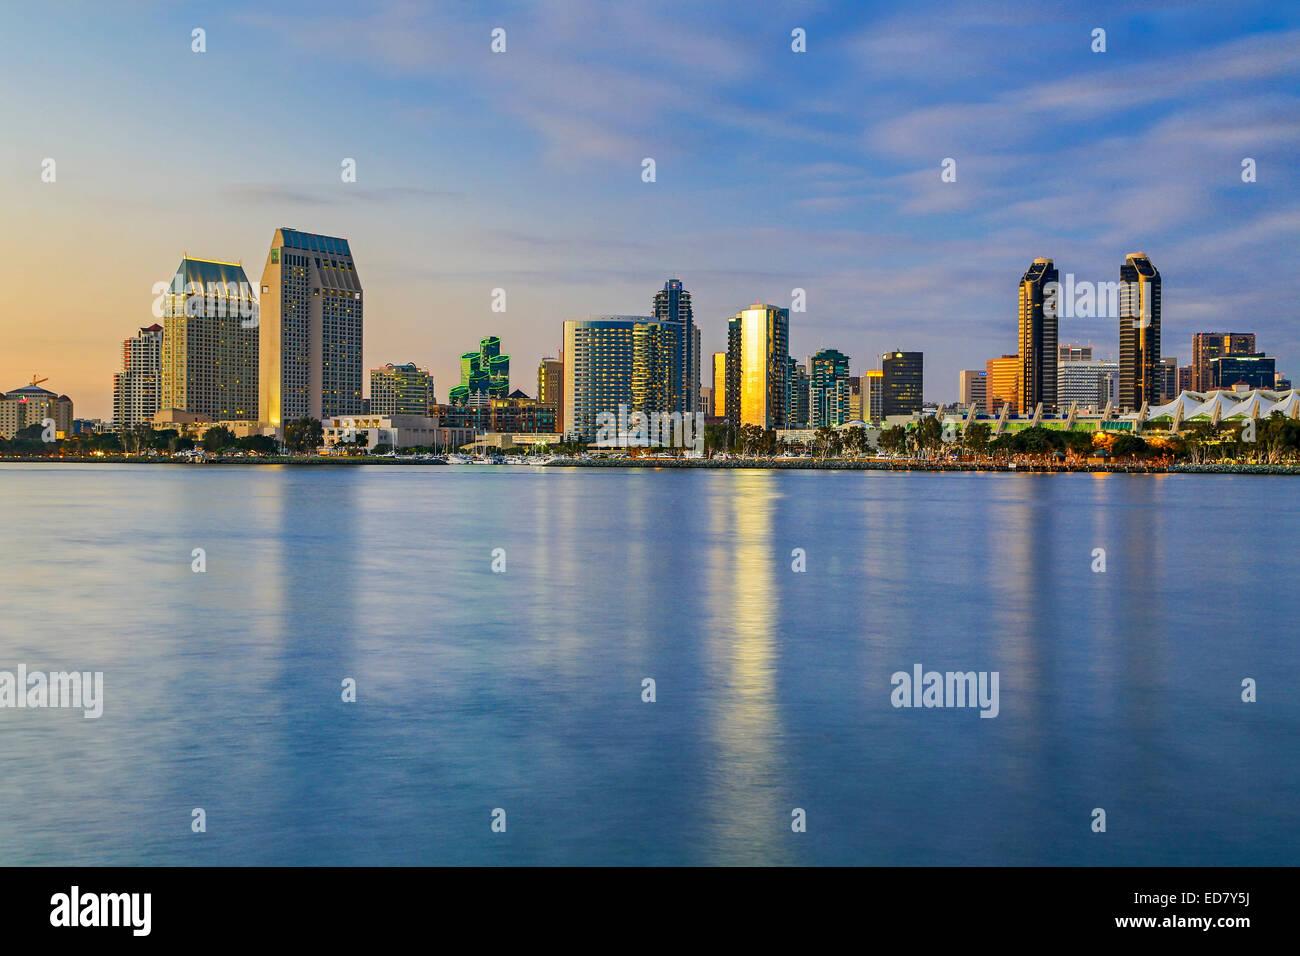 Die Skyline und die Bucht von San Diego, San Diego, Kalifornien, USA Stockbild